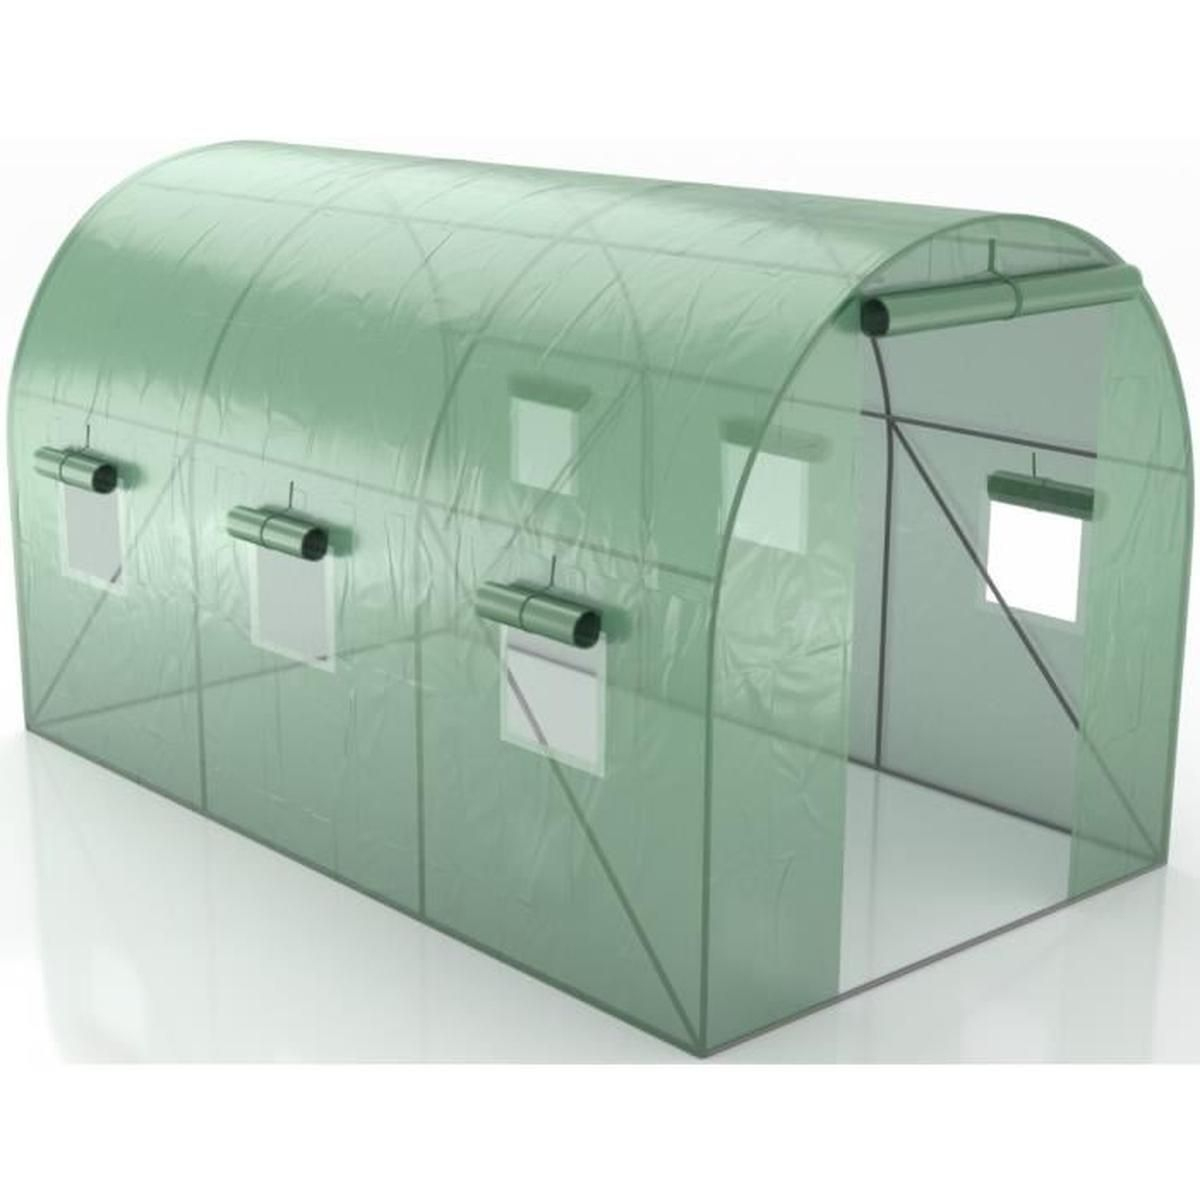 Green Roof - Serre De Jardin Tunnel 7M2 - 3,5X2M tout Bache Pour Serre De Jardin